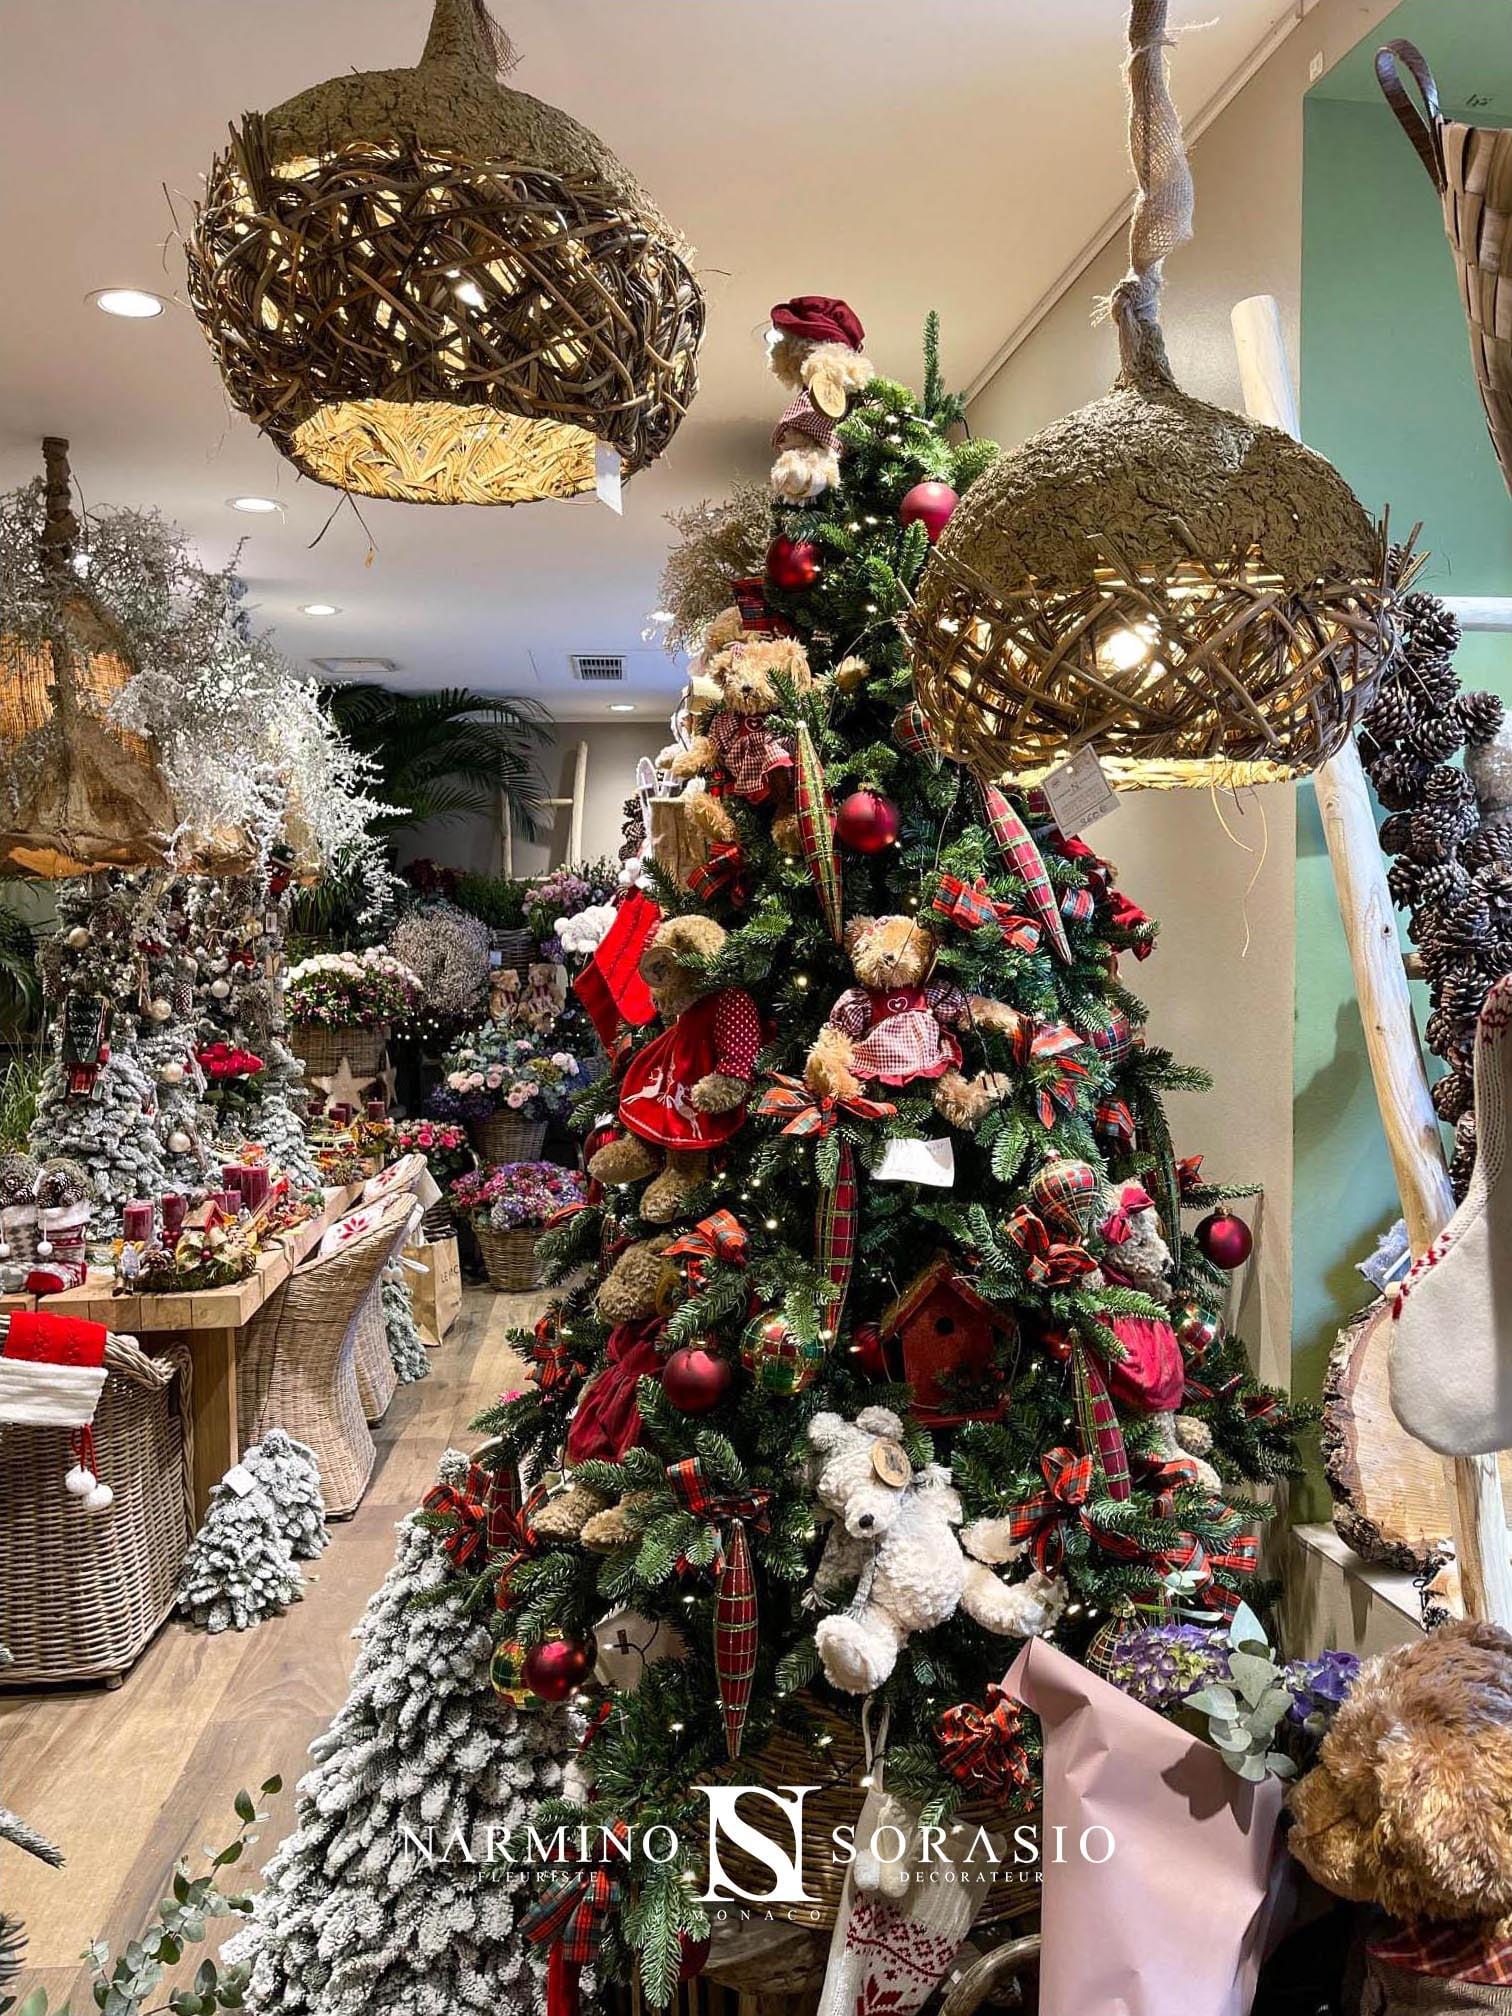 Un arbre de Noël richement décoré